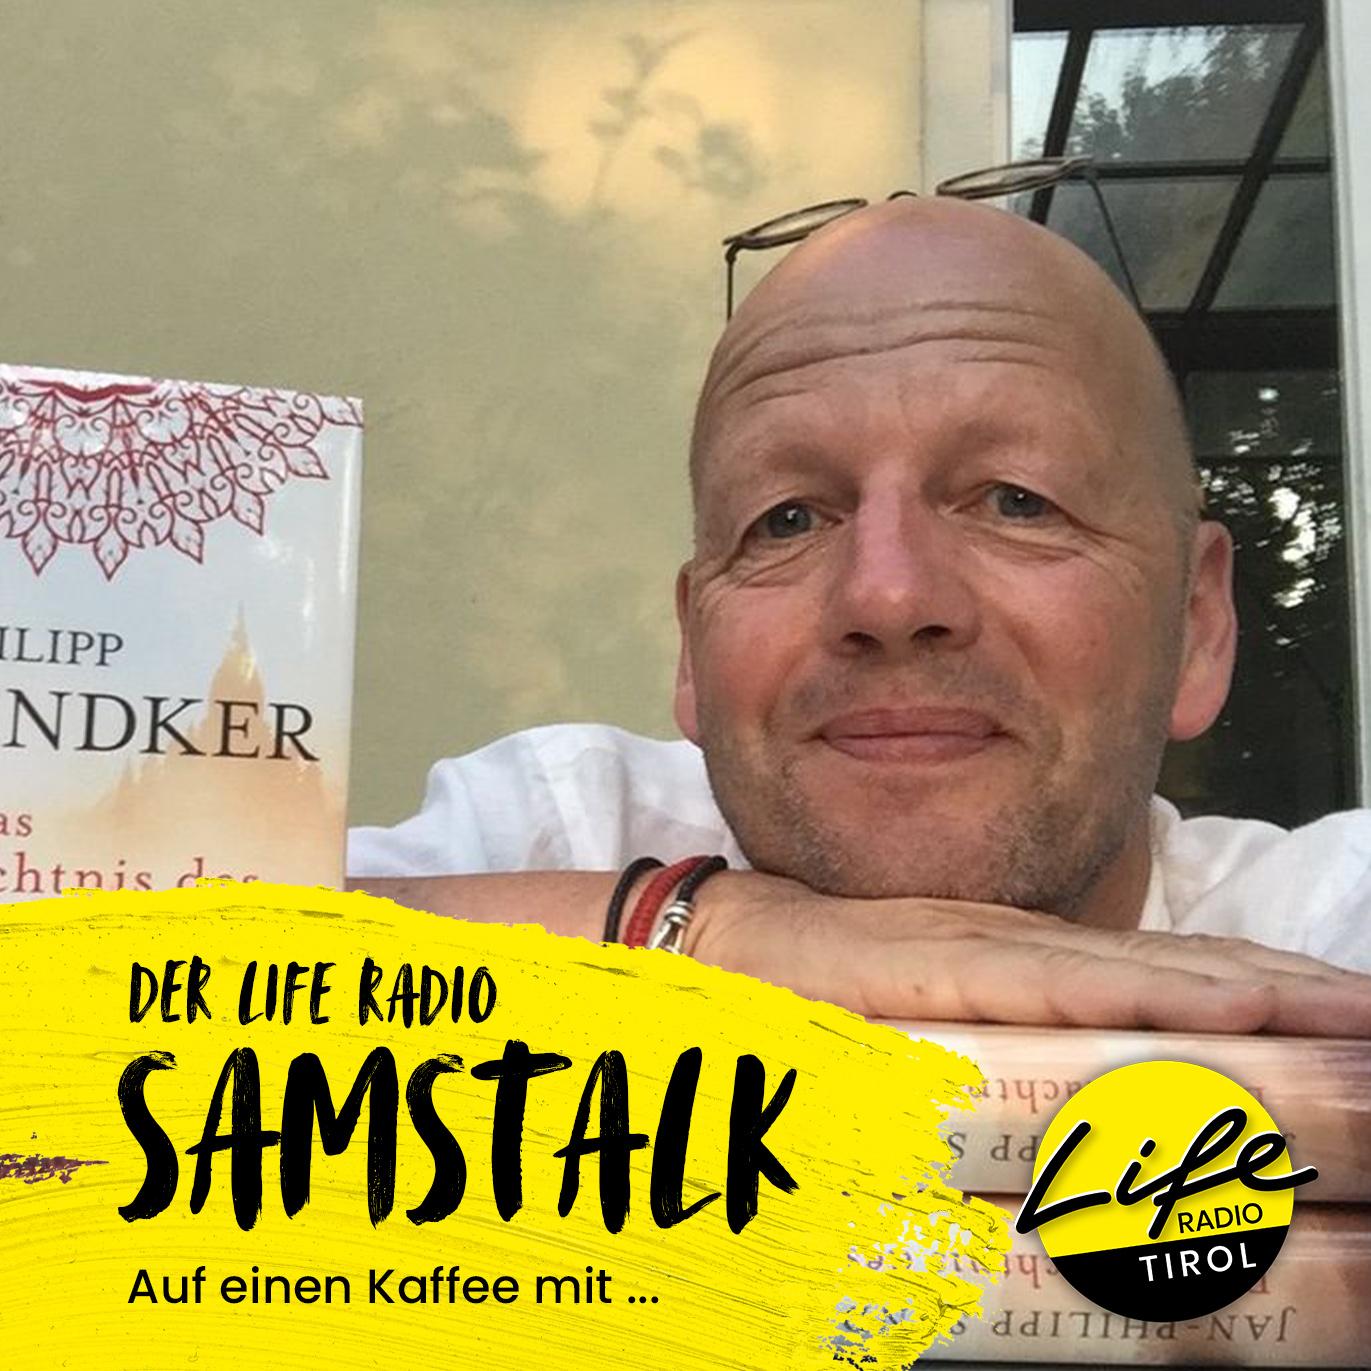 Auf einen Kaffee mit Bestsellerautor Jan-Philipp Sendker